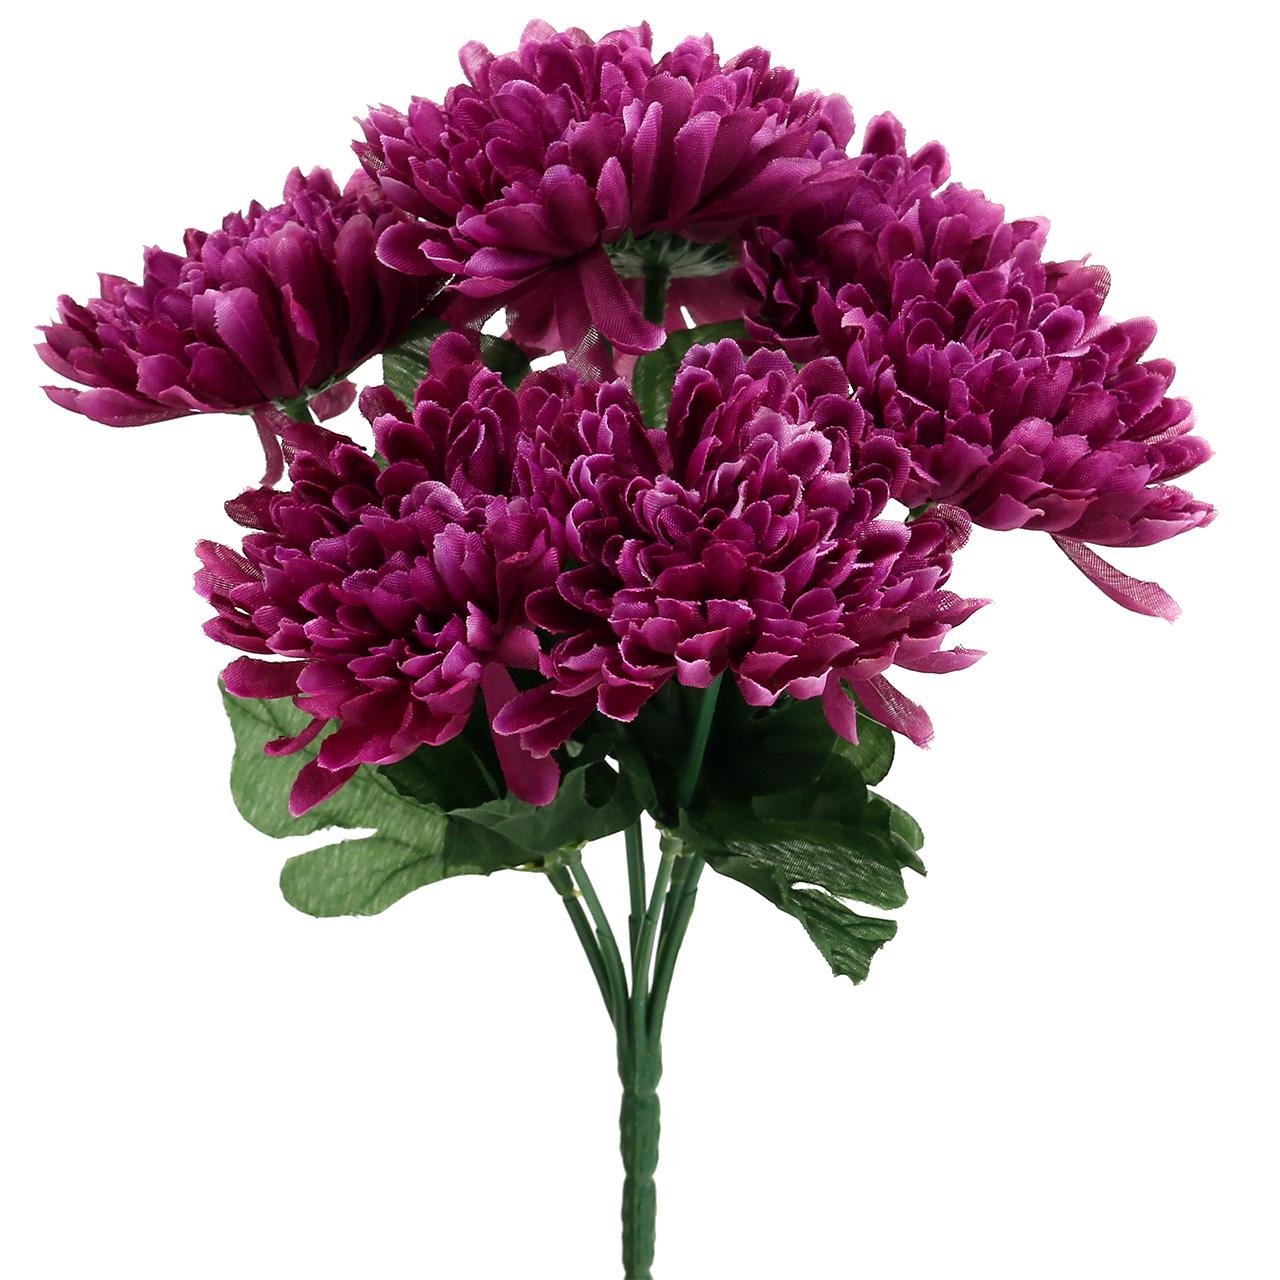 chrysantheme aubergine mit 7 bl ten preiswert online kaufen. Black Bedroom Furniture Sets. Home Design Ideas